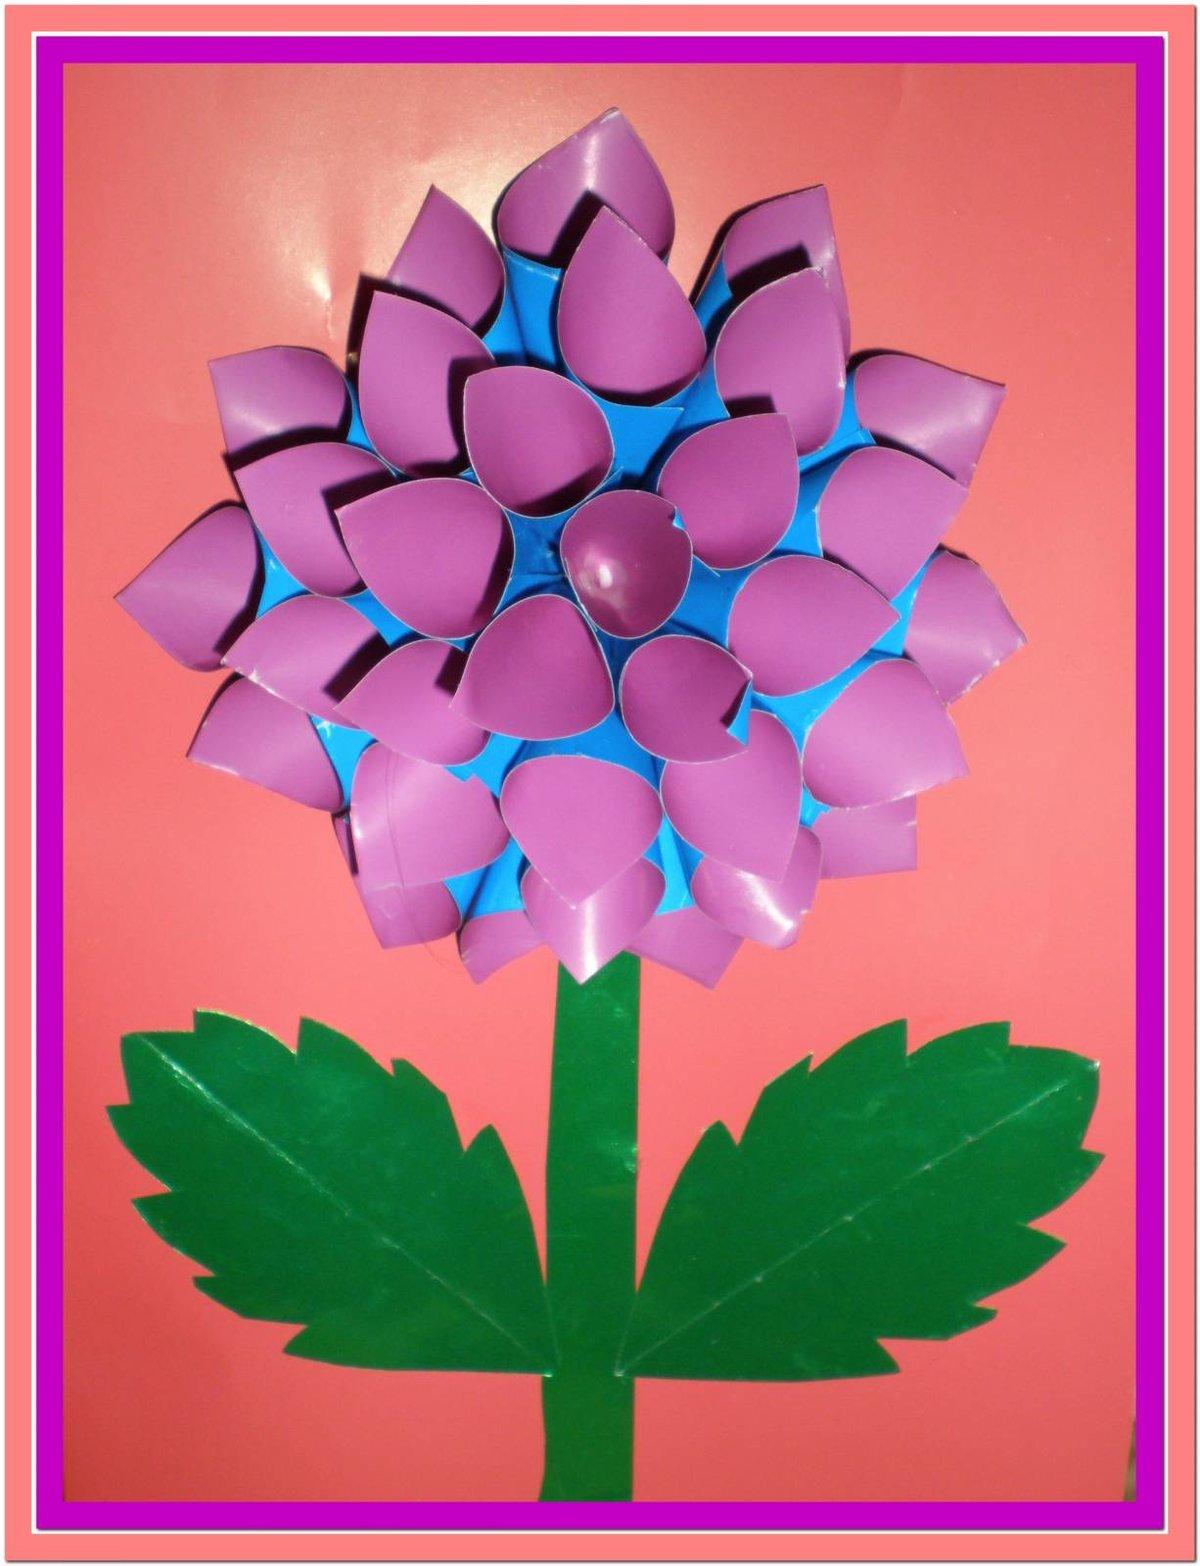 Цветок из цветной бумаги для открытки своими руками, спасибо поздравления мерцающие